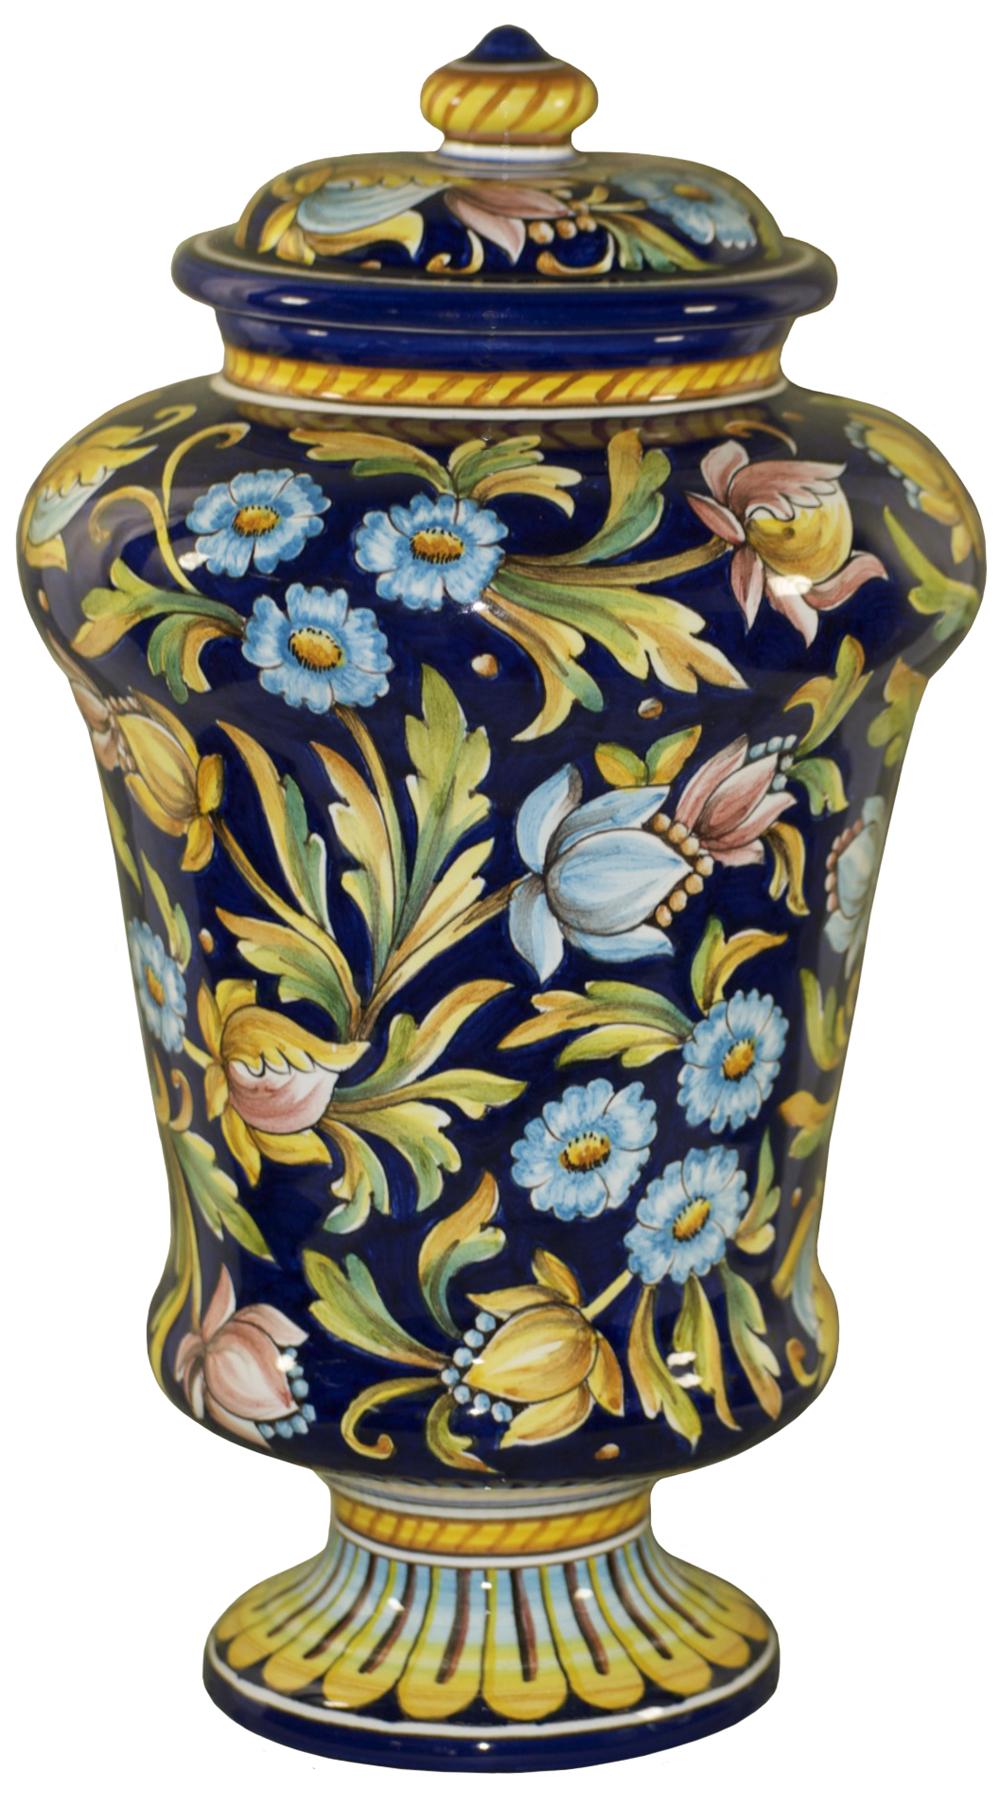 Italian Ceramic Urns